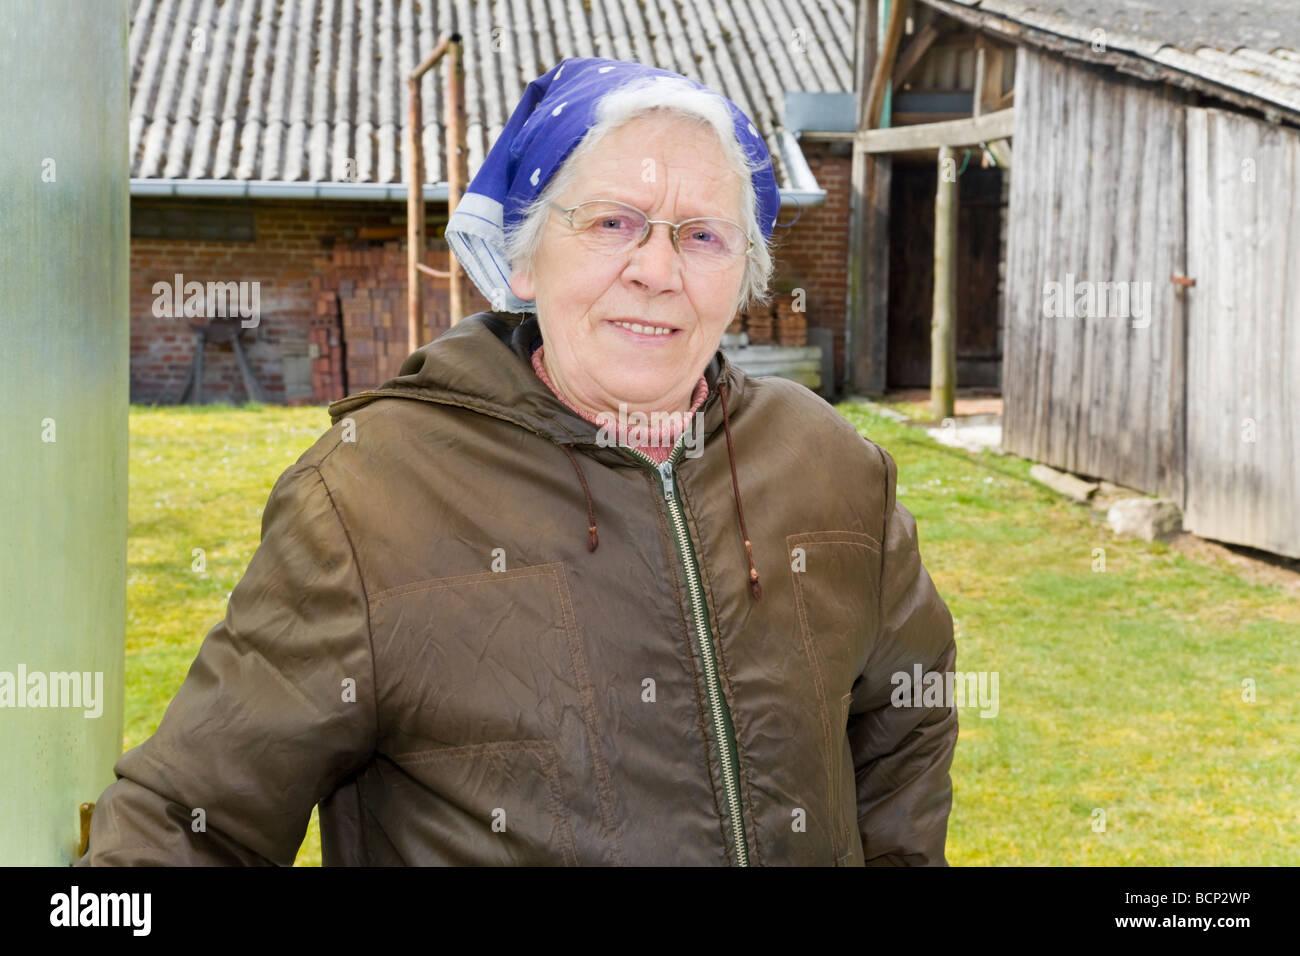 Frau in ihren Siebzigern mit Kopftuch posiert vor ihrem Bauernhof Stock Photo